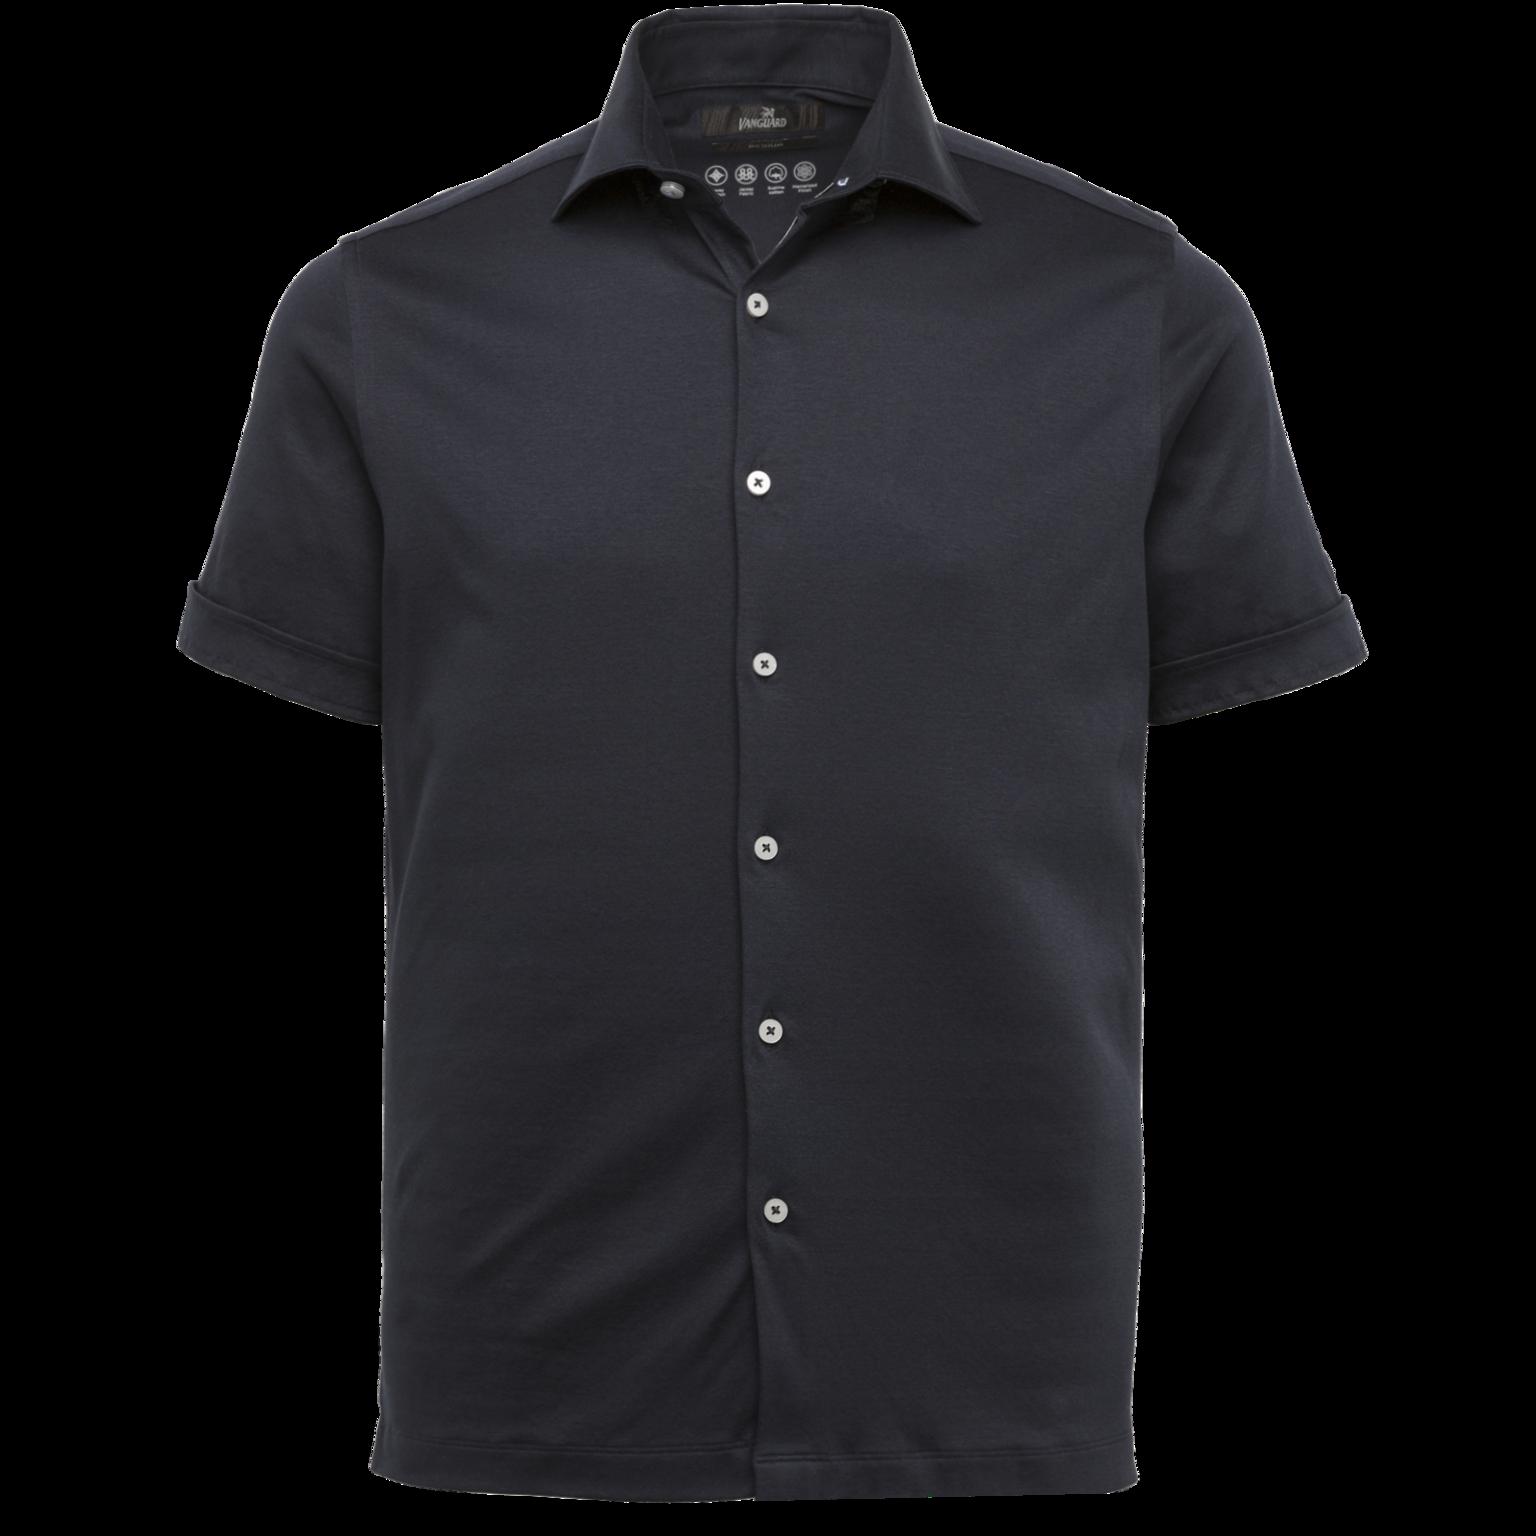 VANGUARD chemise manches courtes en jersey-1